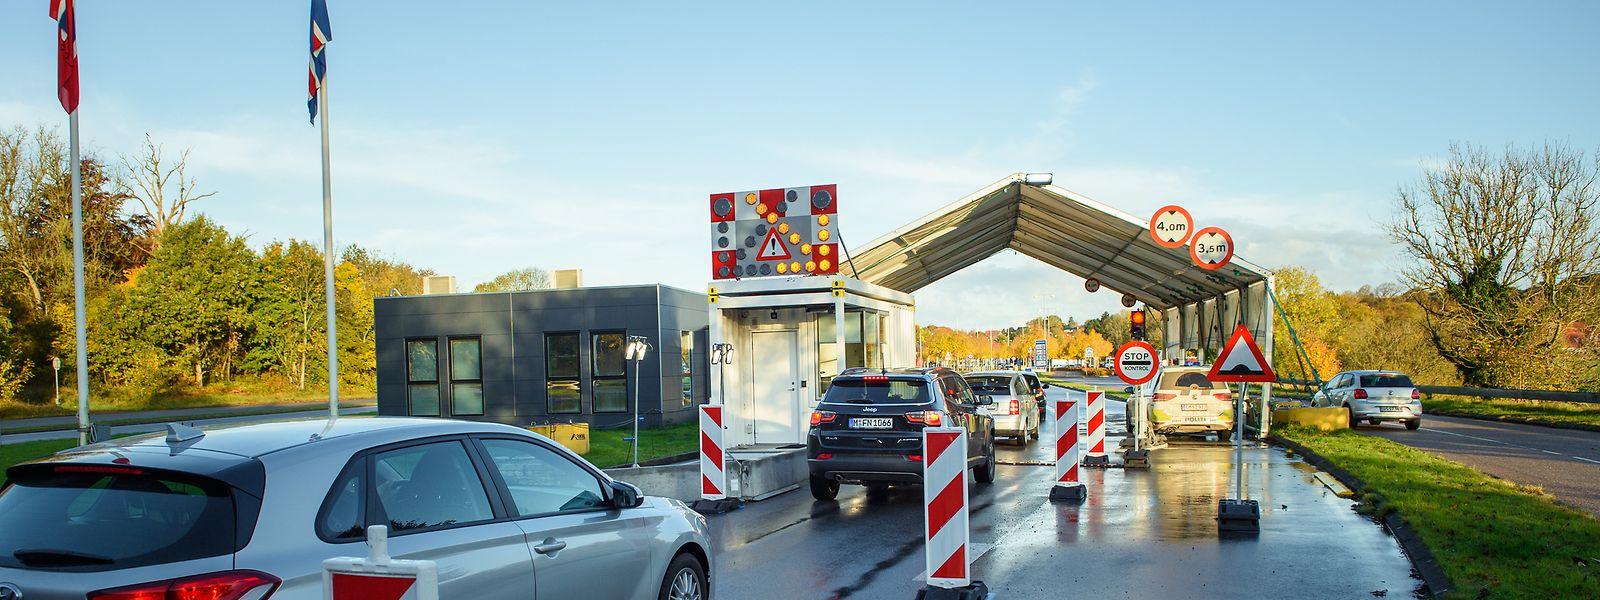 Fahrzeuge passieren den Grenzübergang in der Nähe von Flensburg nach Dänemark. Die Einreise von Deutschland nach Dänemark ist seit 24.10.2020, 0 Uhr, nur noch eingeschränkt möglich.